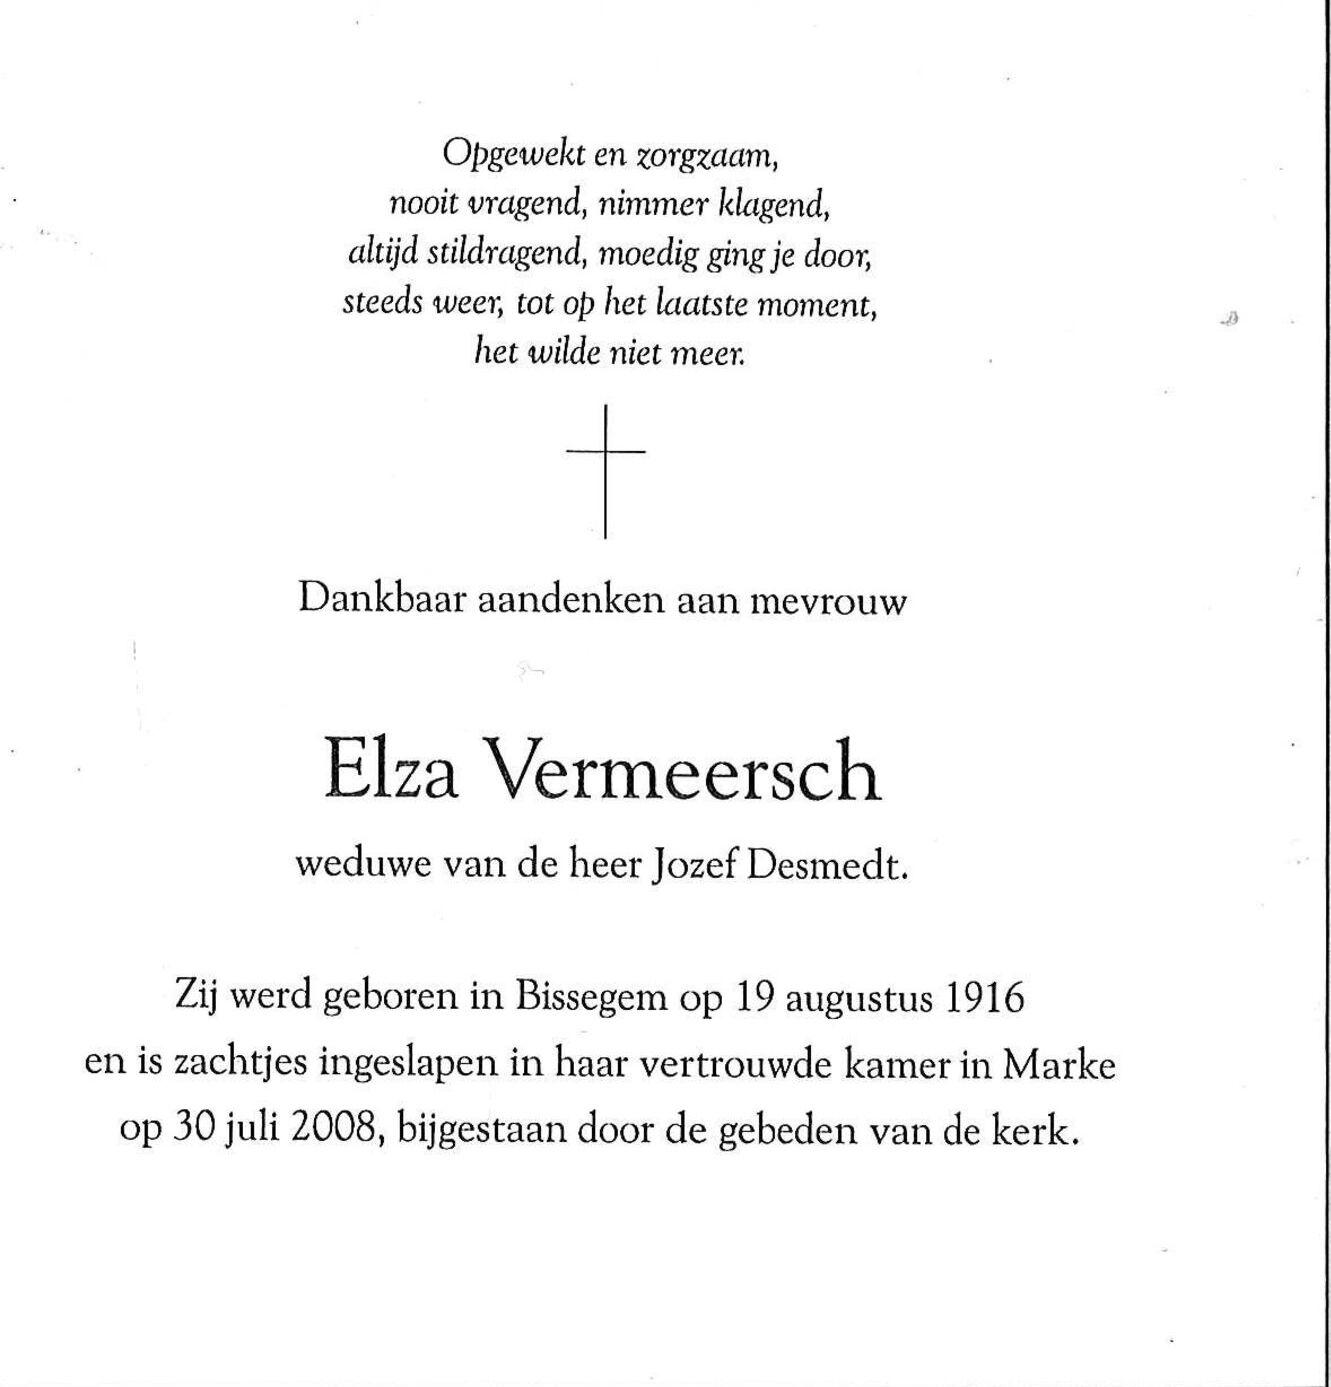 Elza Vermeersch